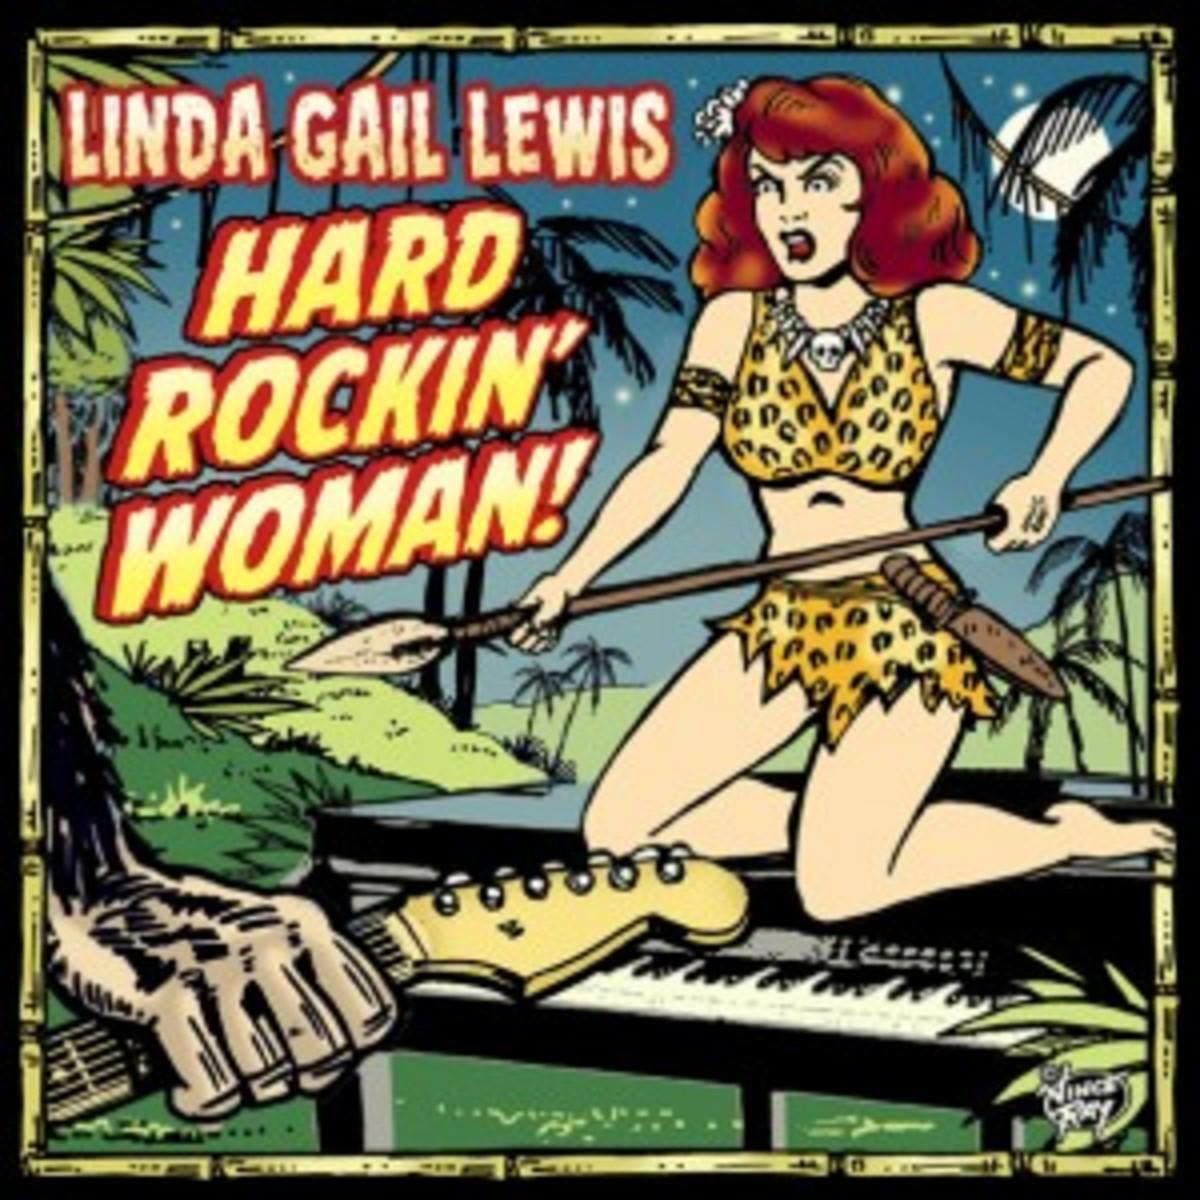 LindaGailLewis-hard-rockin-woman